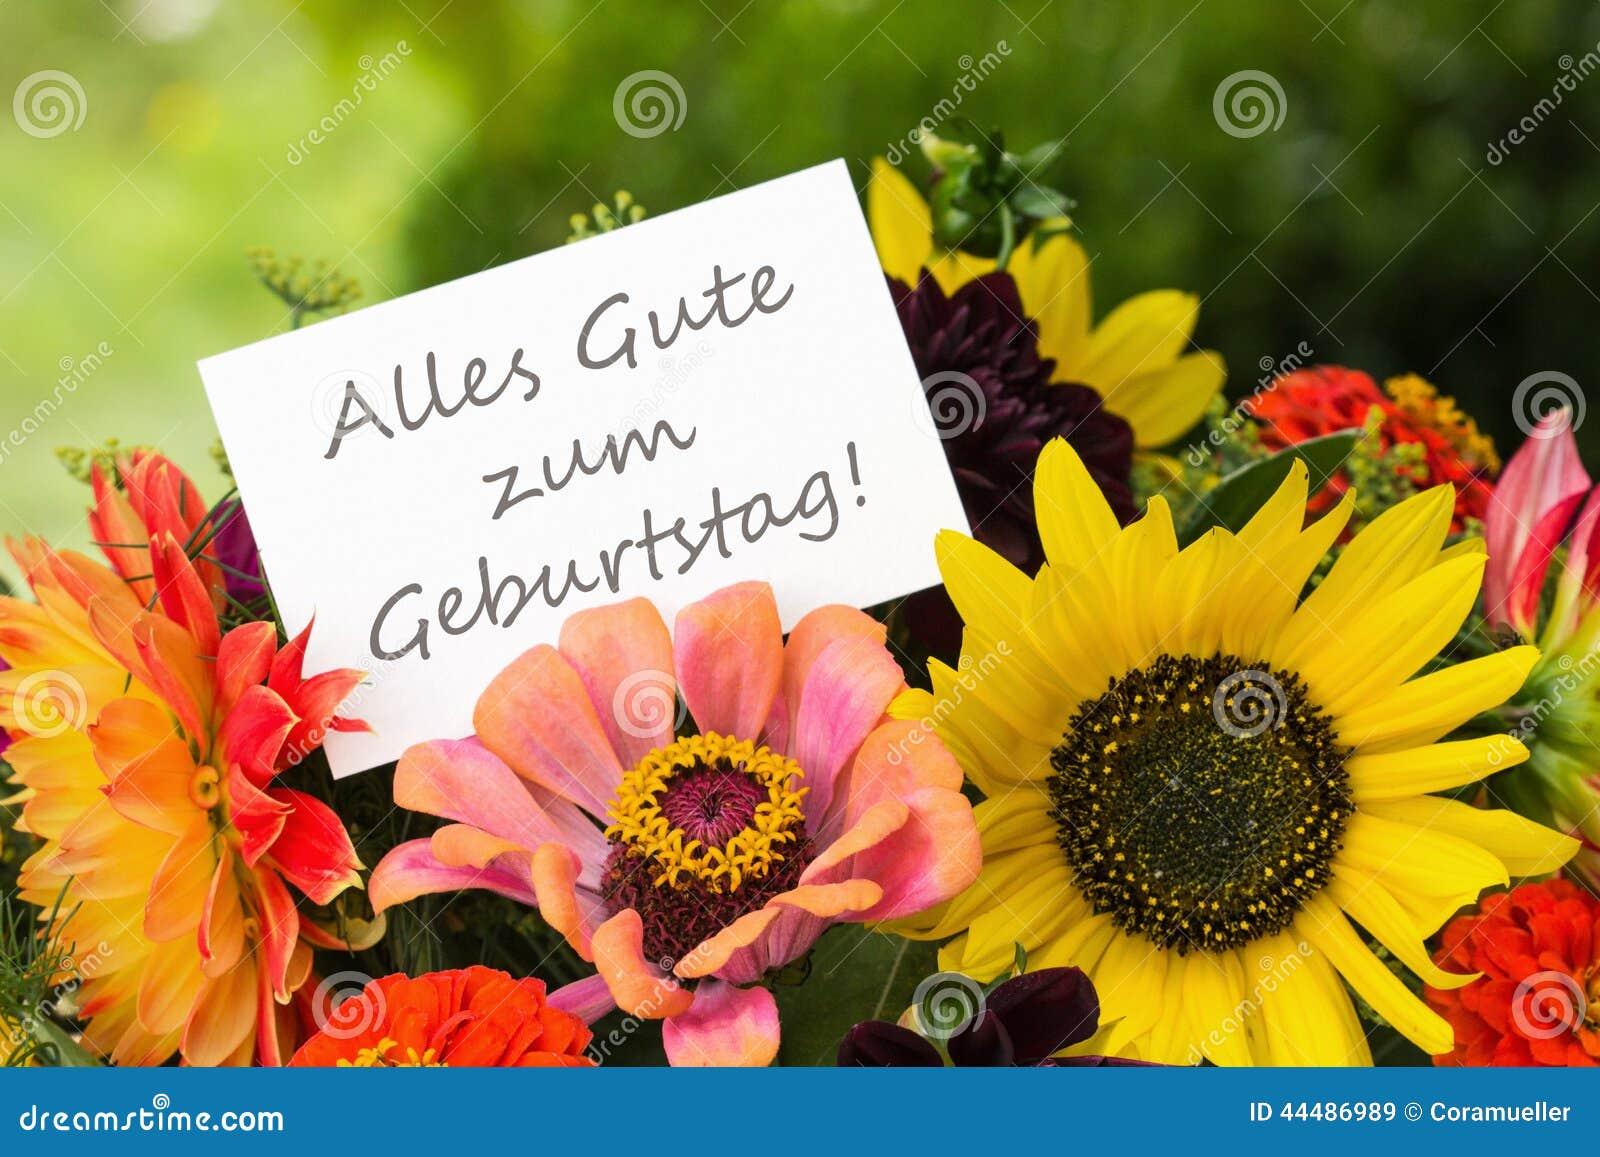 Buon Matrimonio In Tedesco: Tanti auguri in tedesco buon